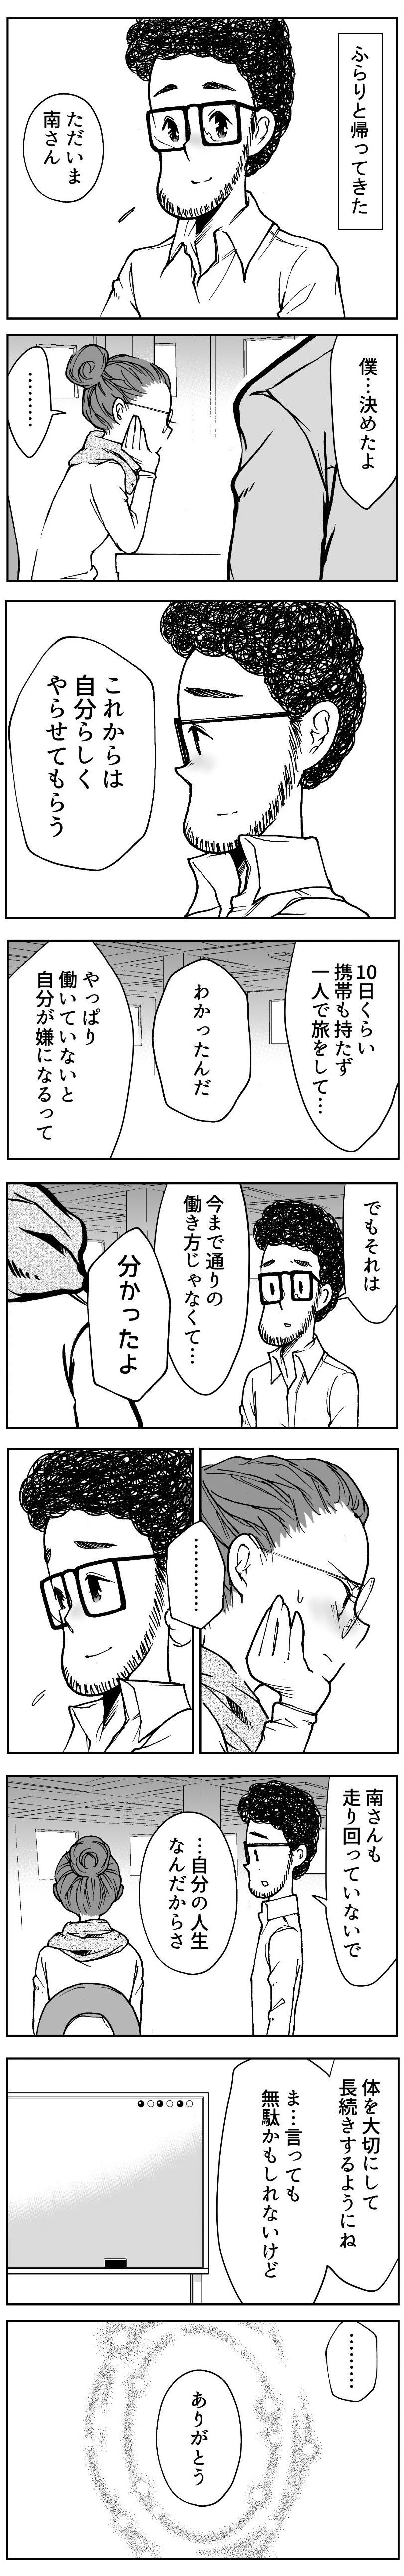 66-2.jpg